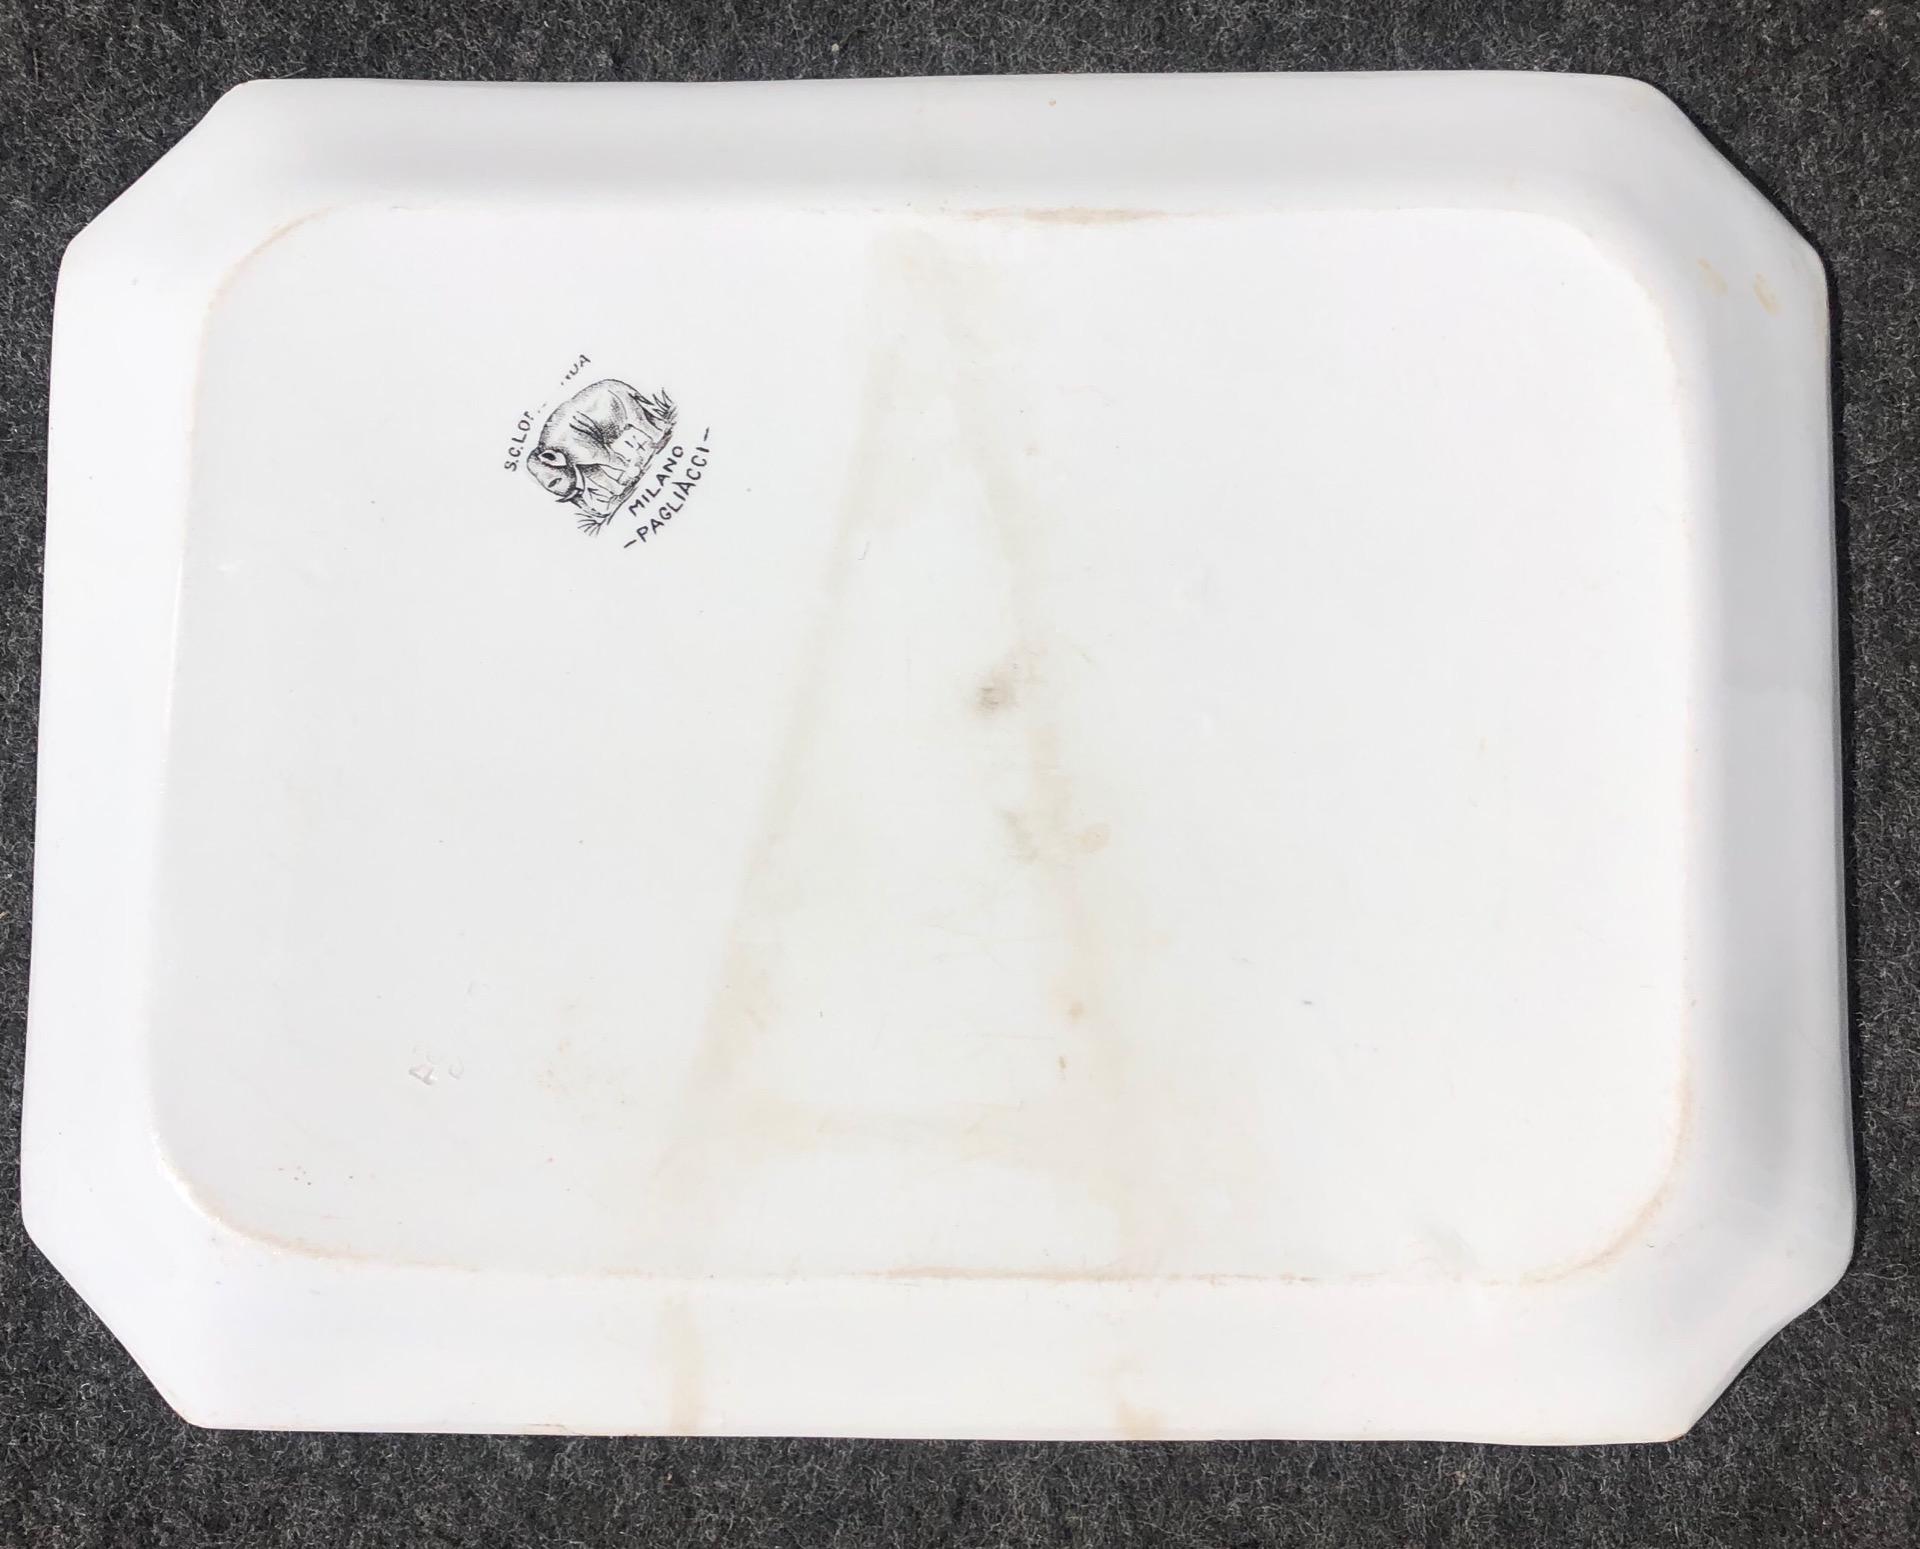 thumb2|Vassoio in terraglia con decoro a decalcomania.Serie pagliacci.Societa' ceramica Lombarda.